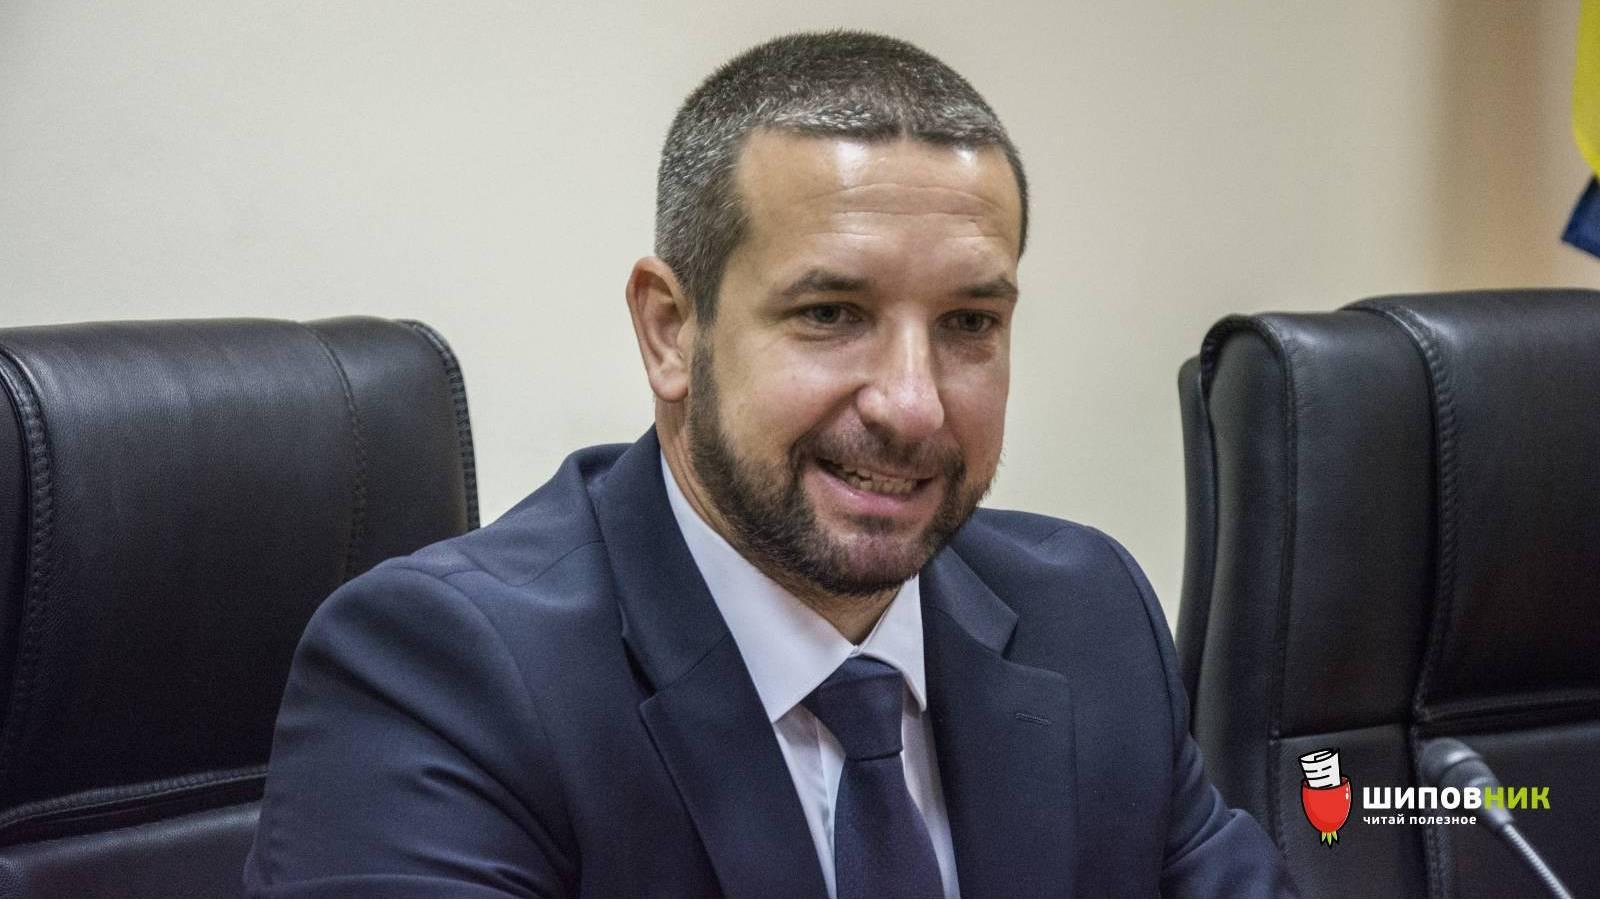 Николаевцы призвали губернатора Стадника говорить на украинском языке во время исполнения служебных обязанностей